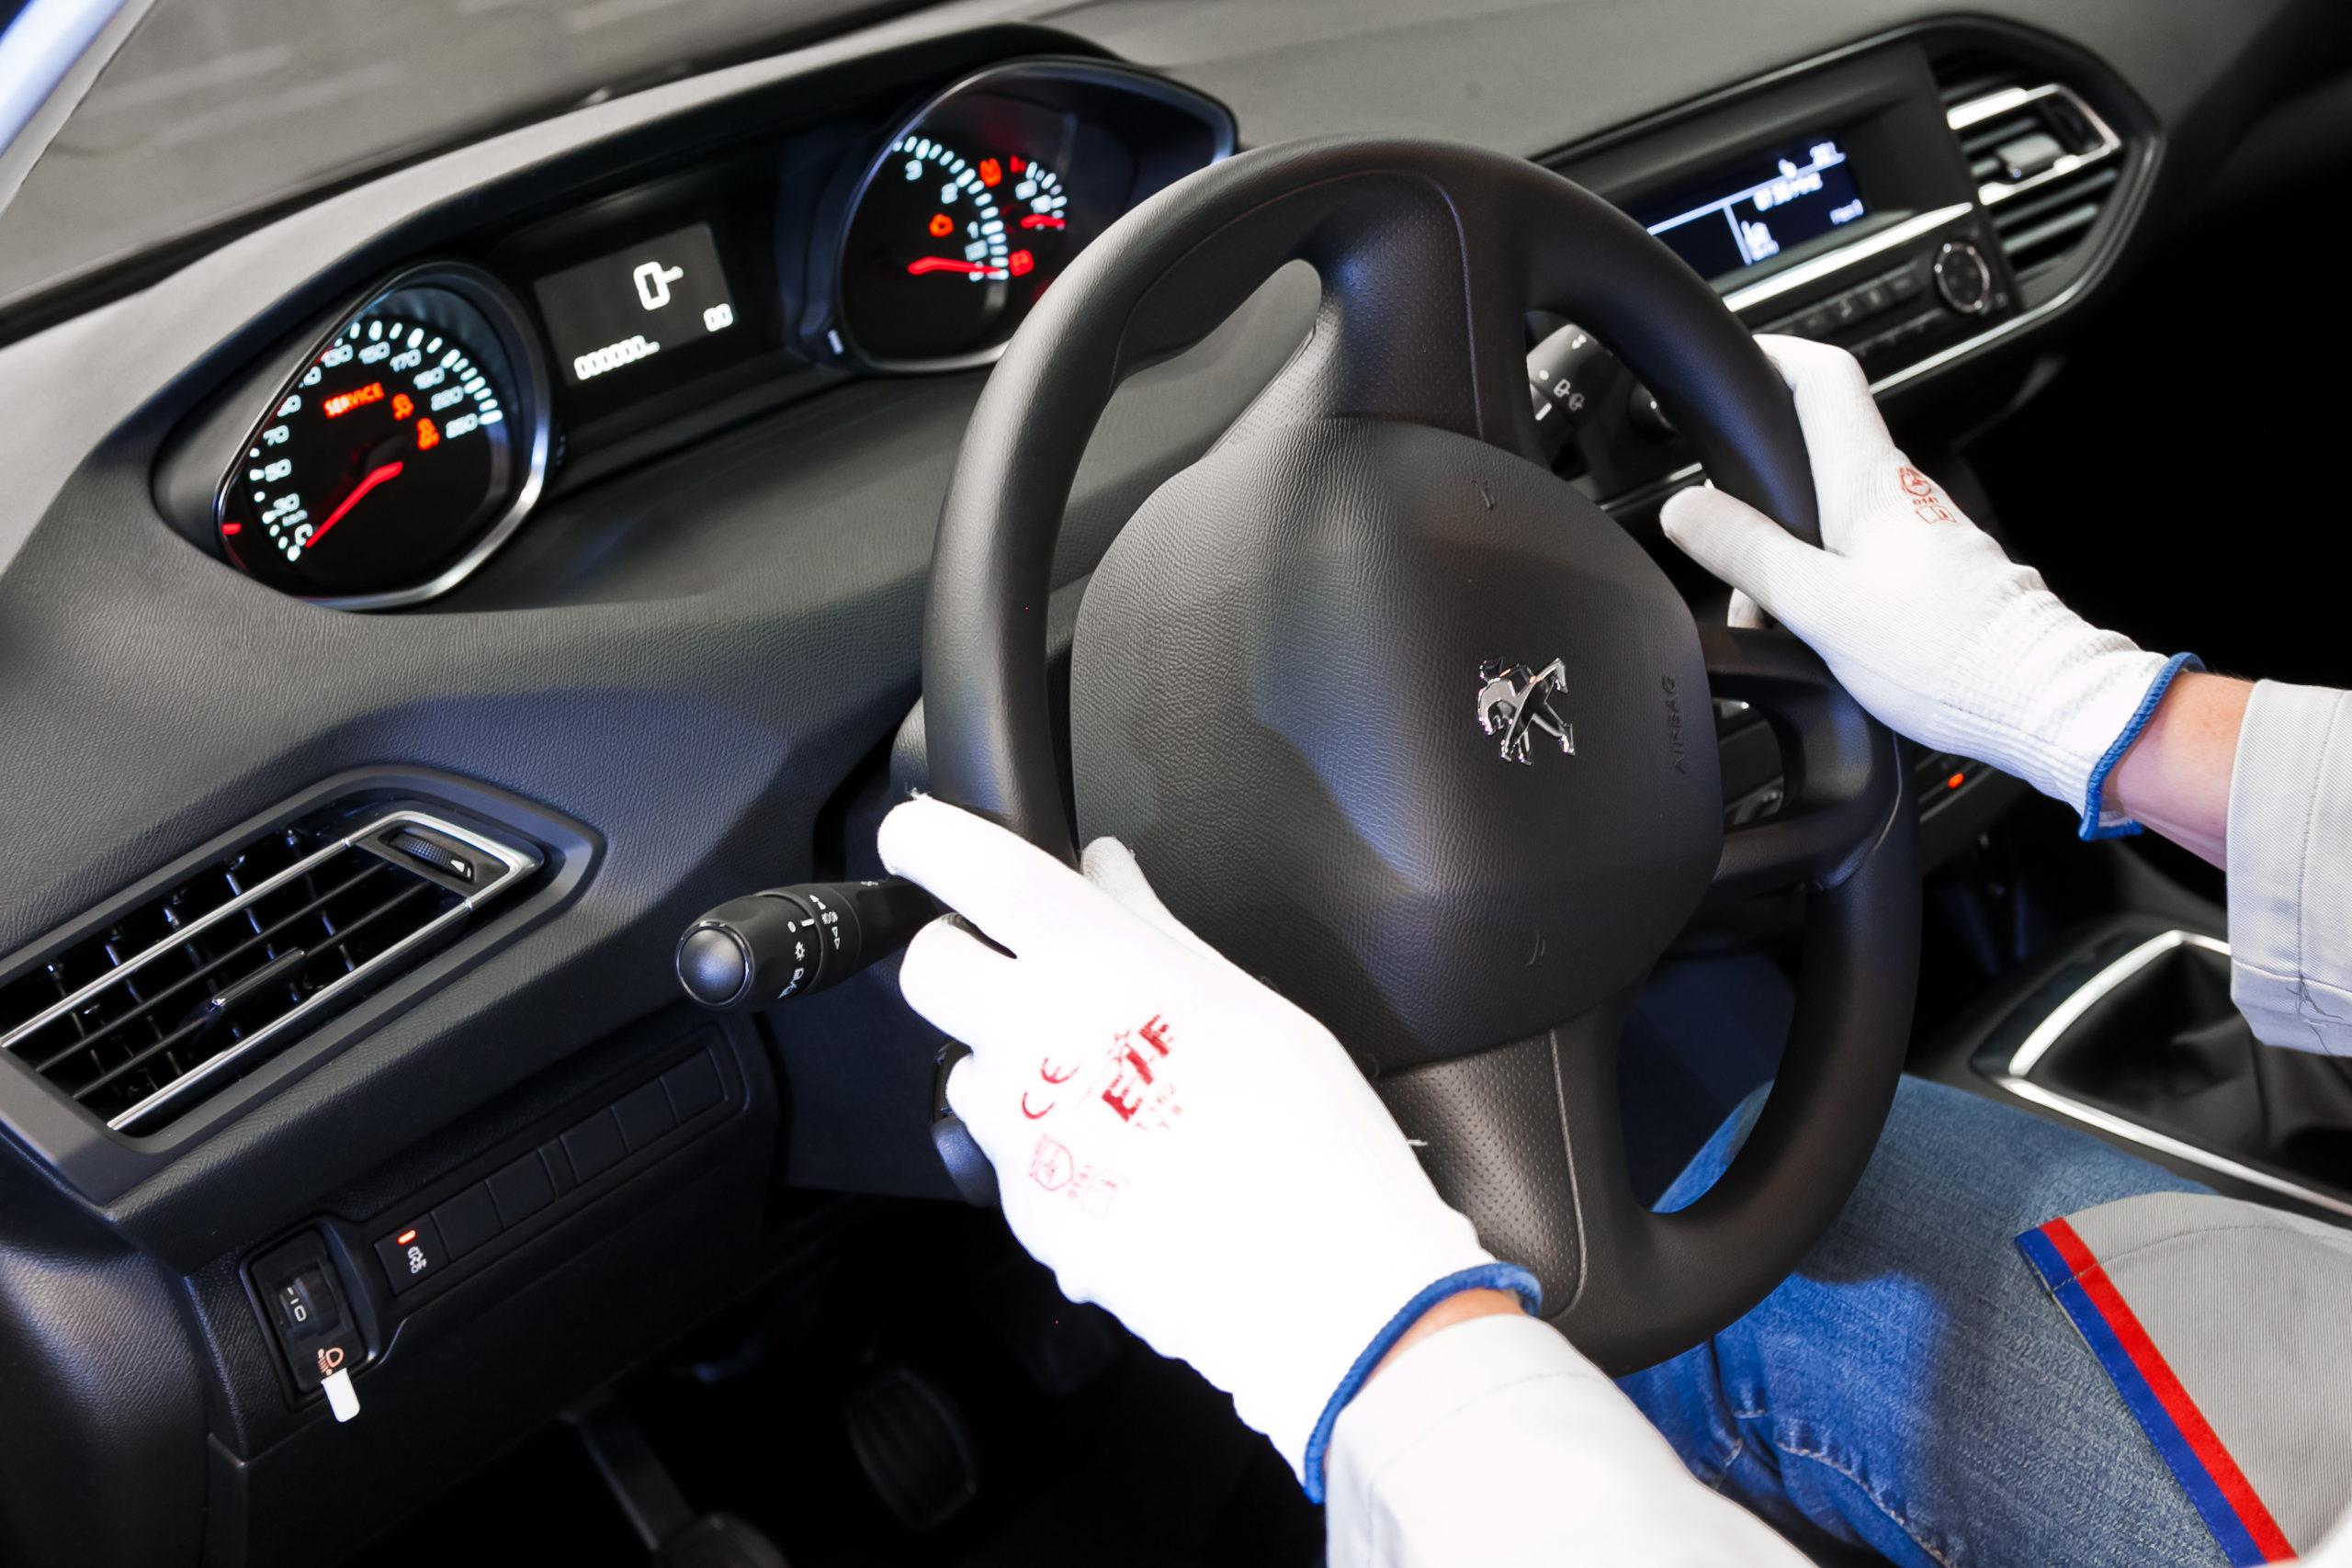 Le marché automobile français pénalisé par la pénurie de composants électroniques